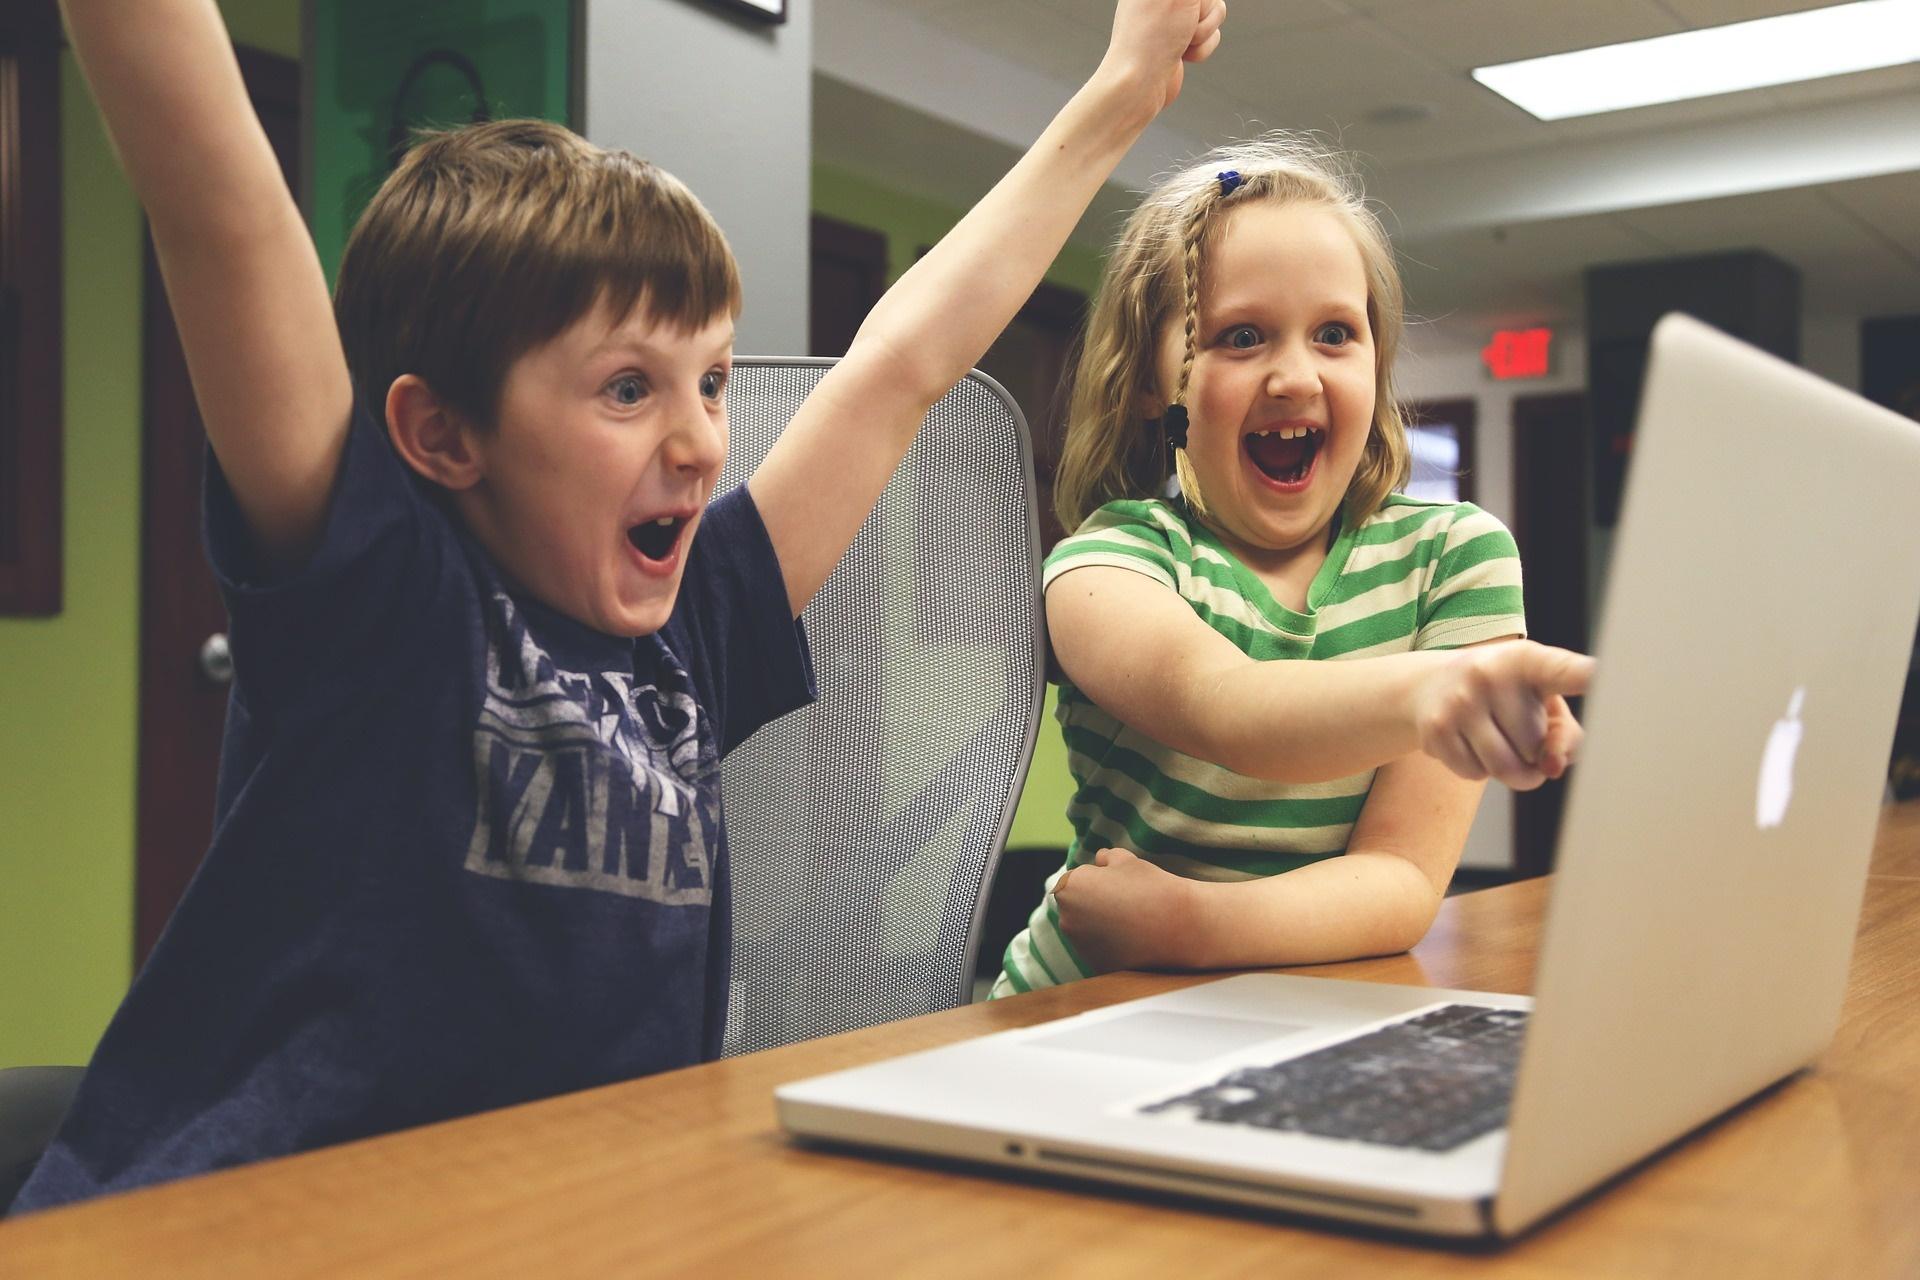 ebeveynlerin-gizli-korkusu-bilgisayar-oyunlari